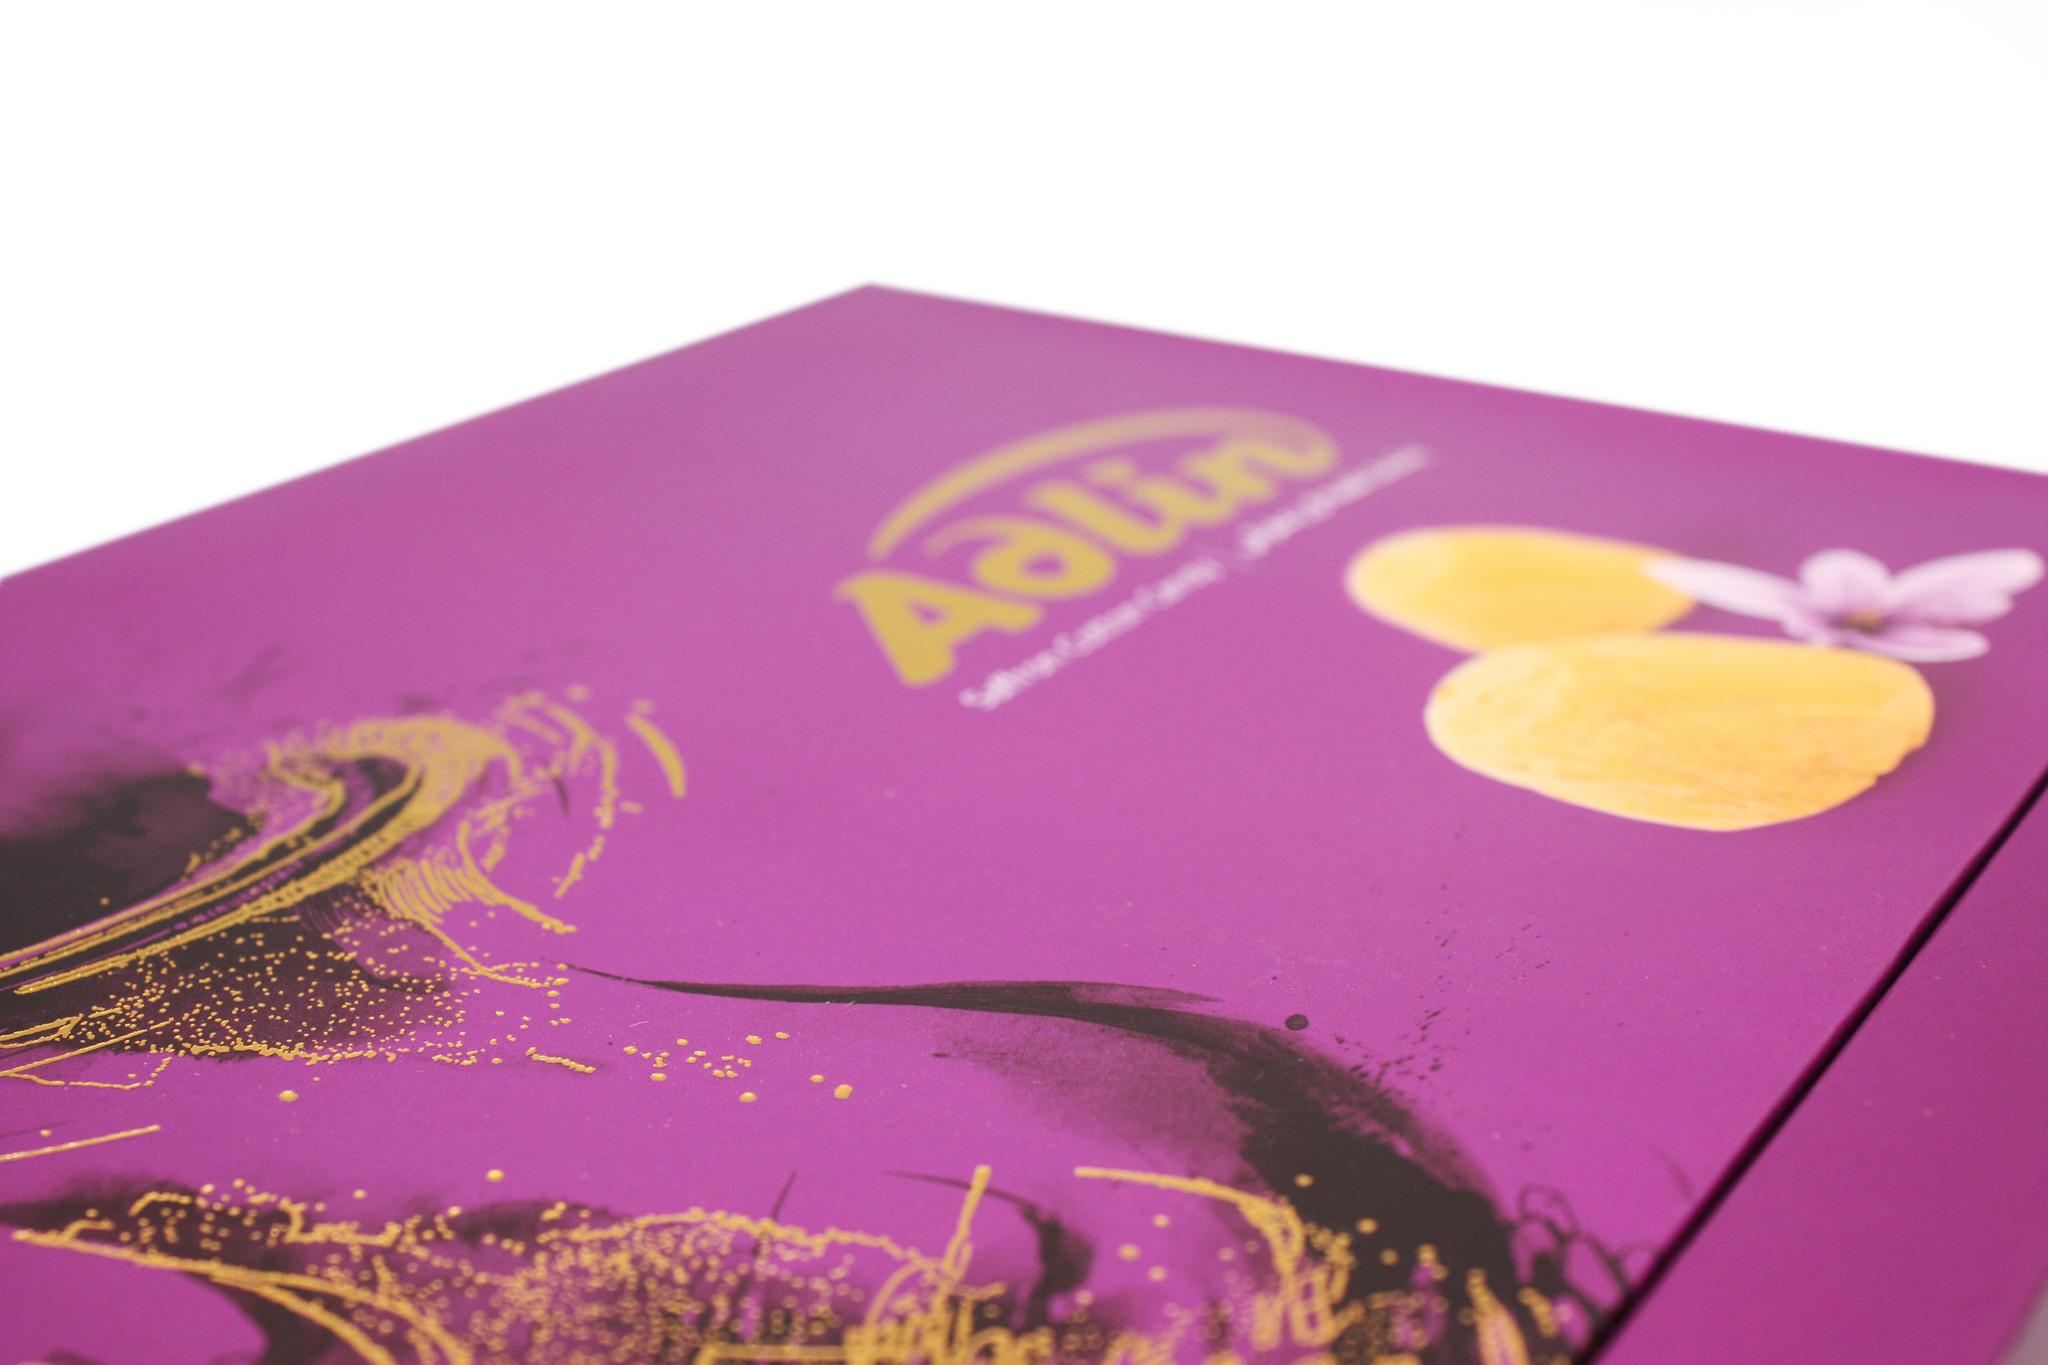 Иранская пишмание Царская пишмание со вкусом шафрана в подарочной упаковке, Adlin, 420 г import_files_7a_7a7d6a14c3f111e9a9b3484d7ecee297_7a7d6a16c3f111e9a9b3484d7ecee297.jpg